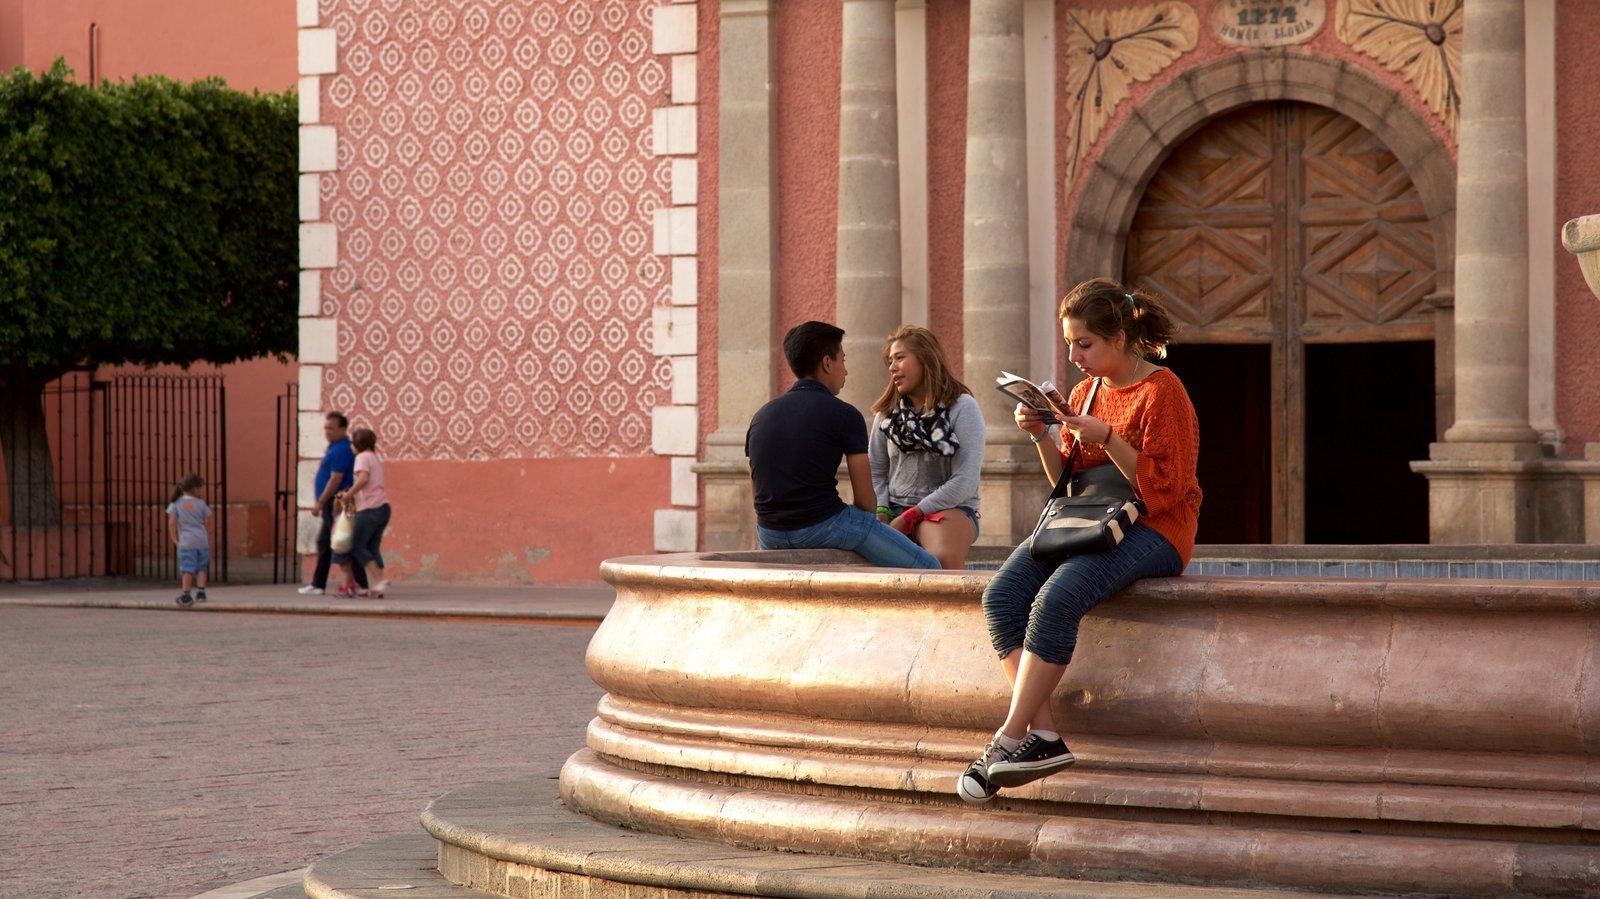 Tequisquiapan que inclui um pôr do sol e uma praça ou plaza assim como um pequeno grupo de pessoas